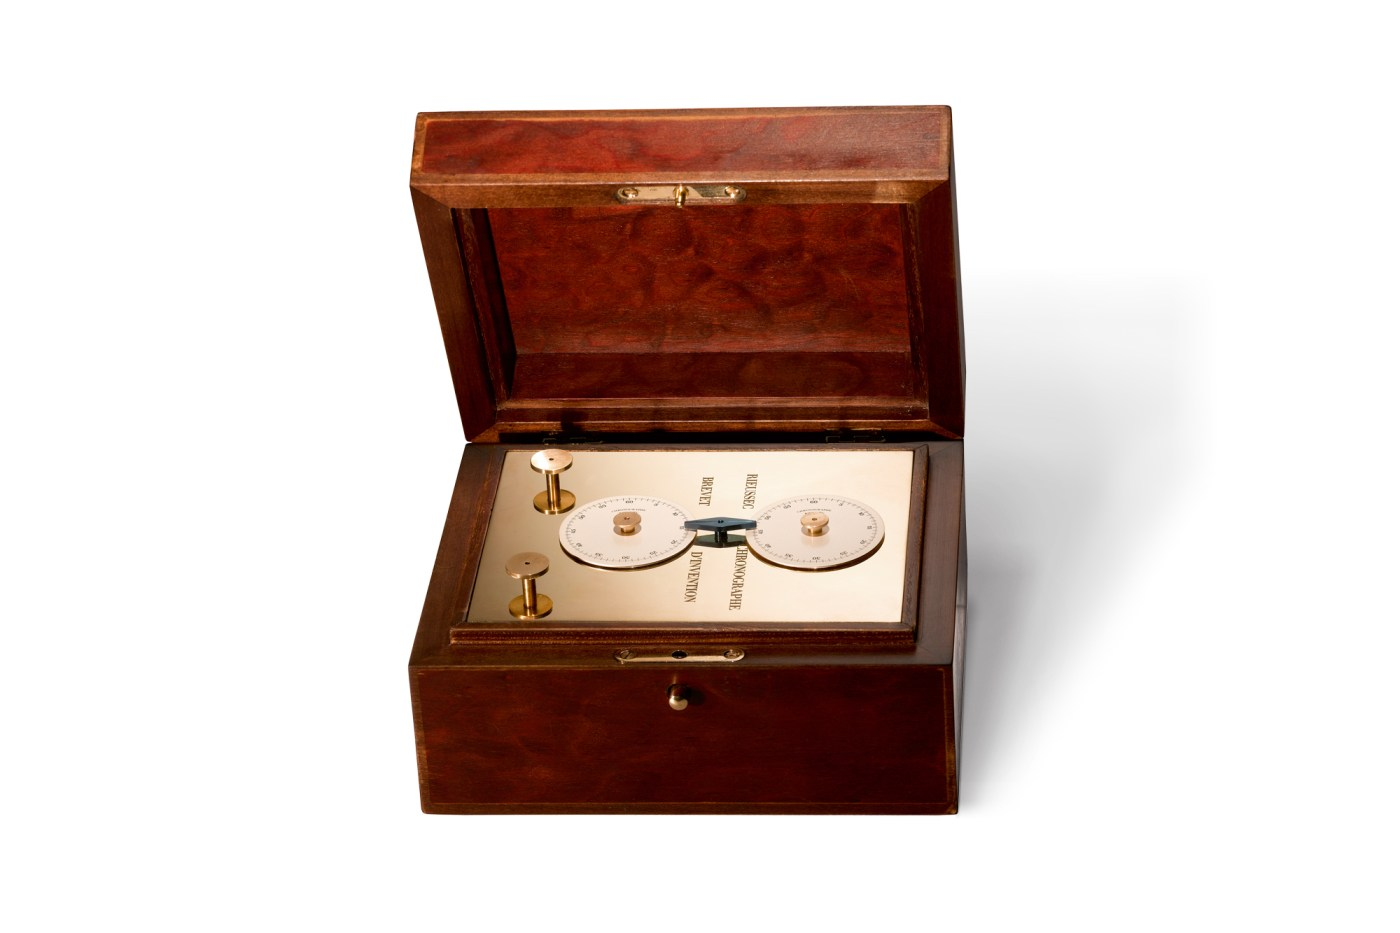 Rieussec Chronograph 1821